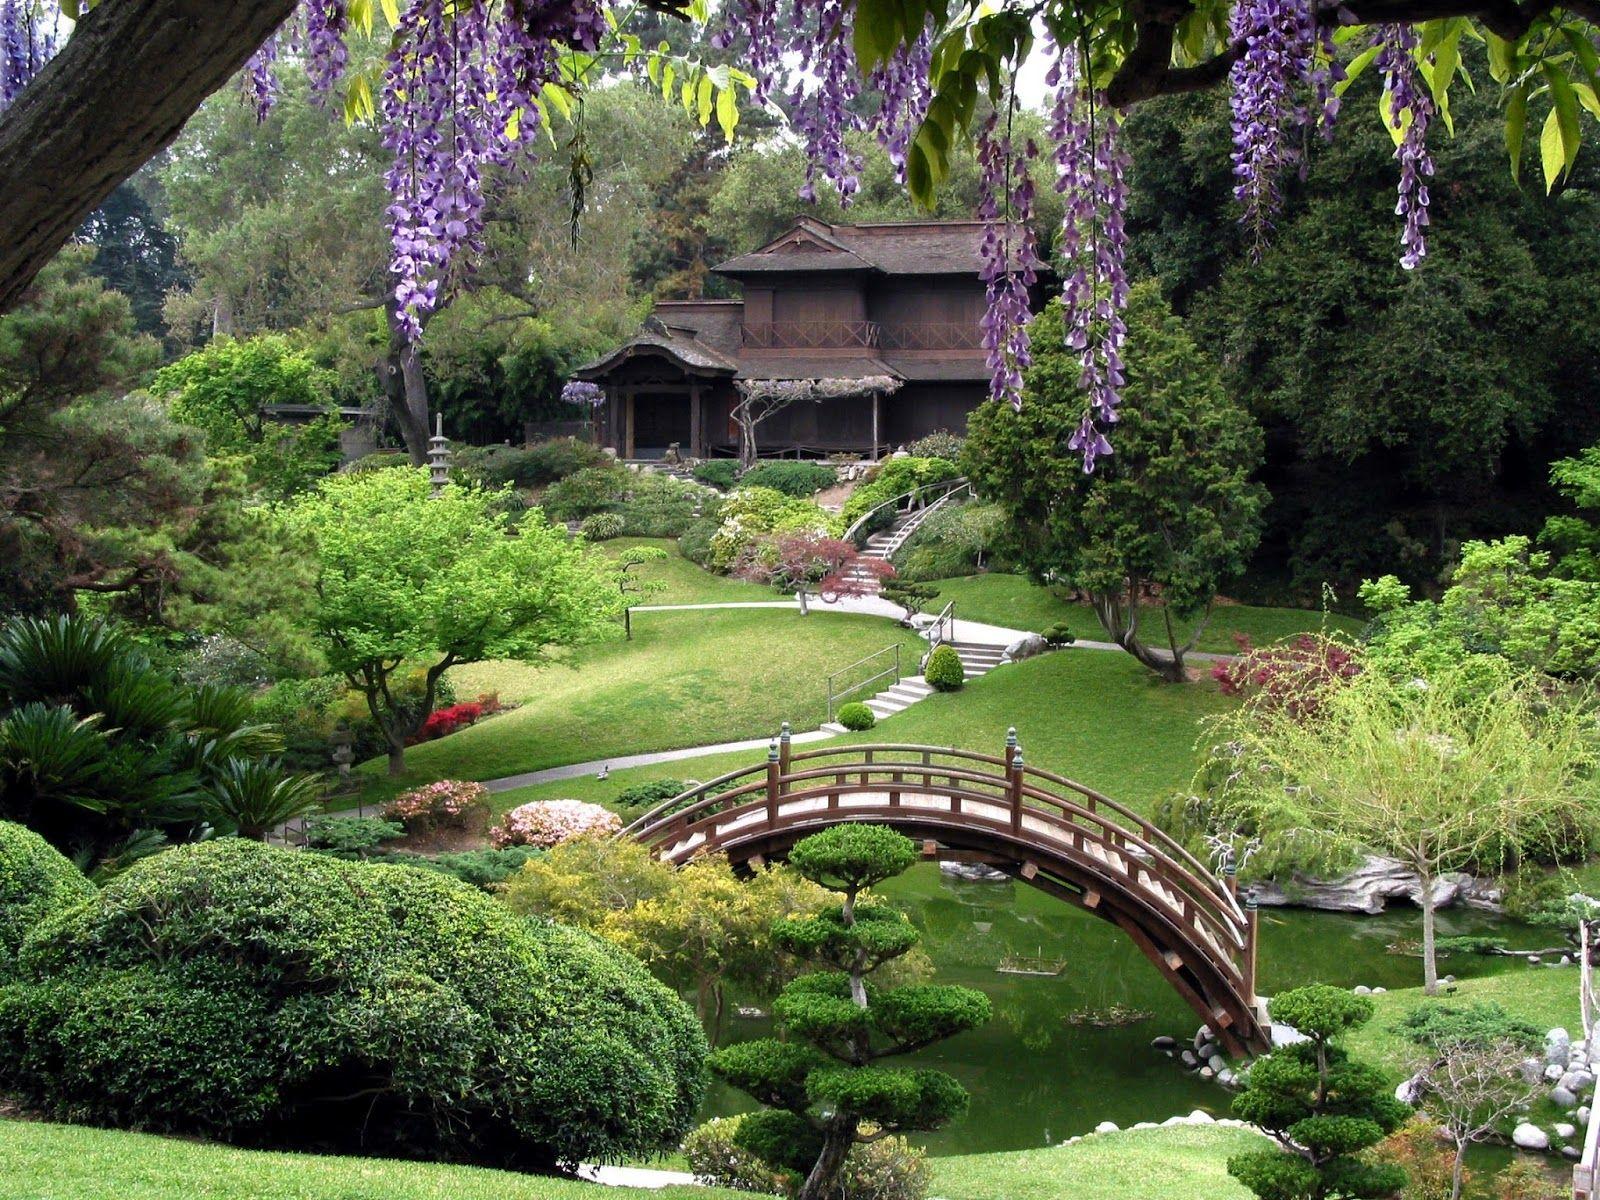 Giardino in stile Giapponese Giardino giapponese